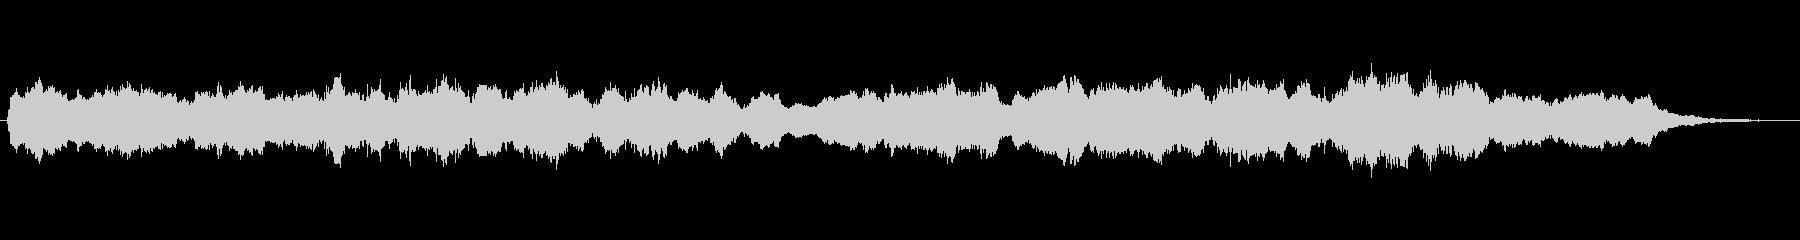 キラキラしたメルヘンチックなジングル5の未再生の波形